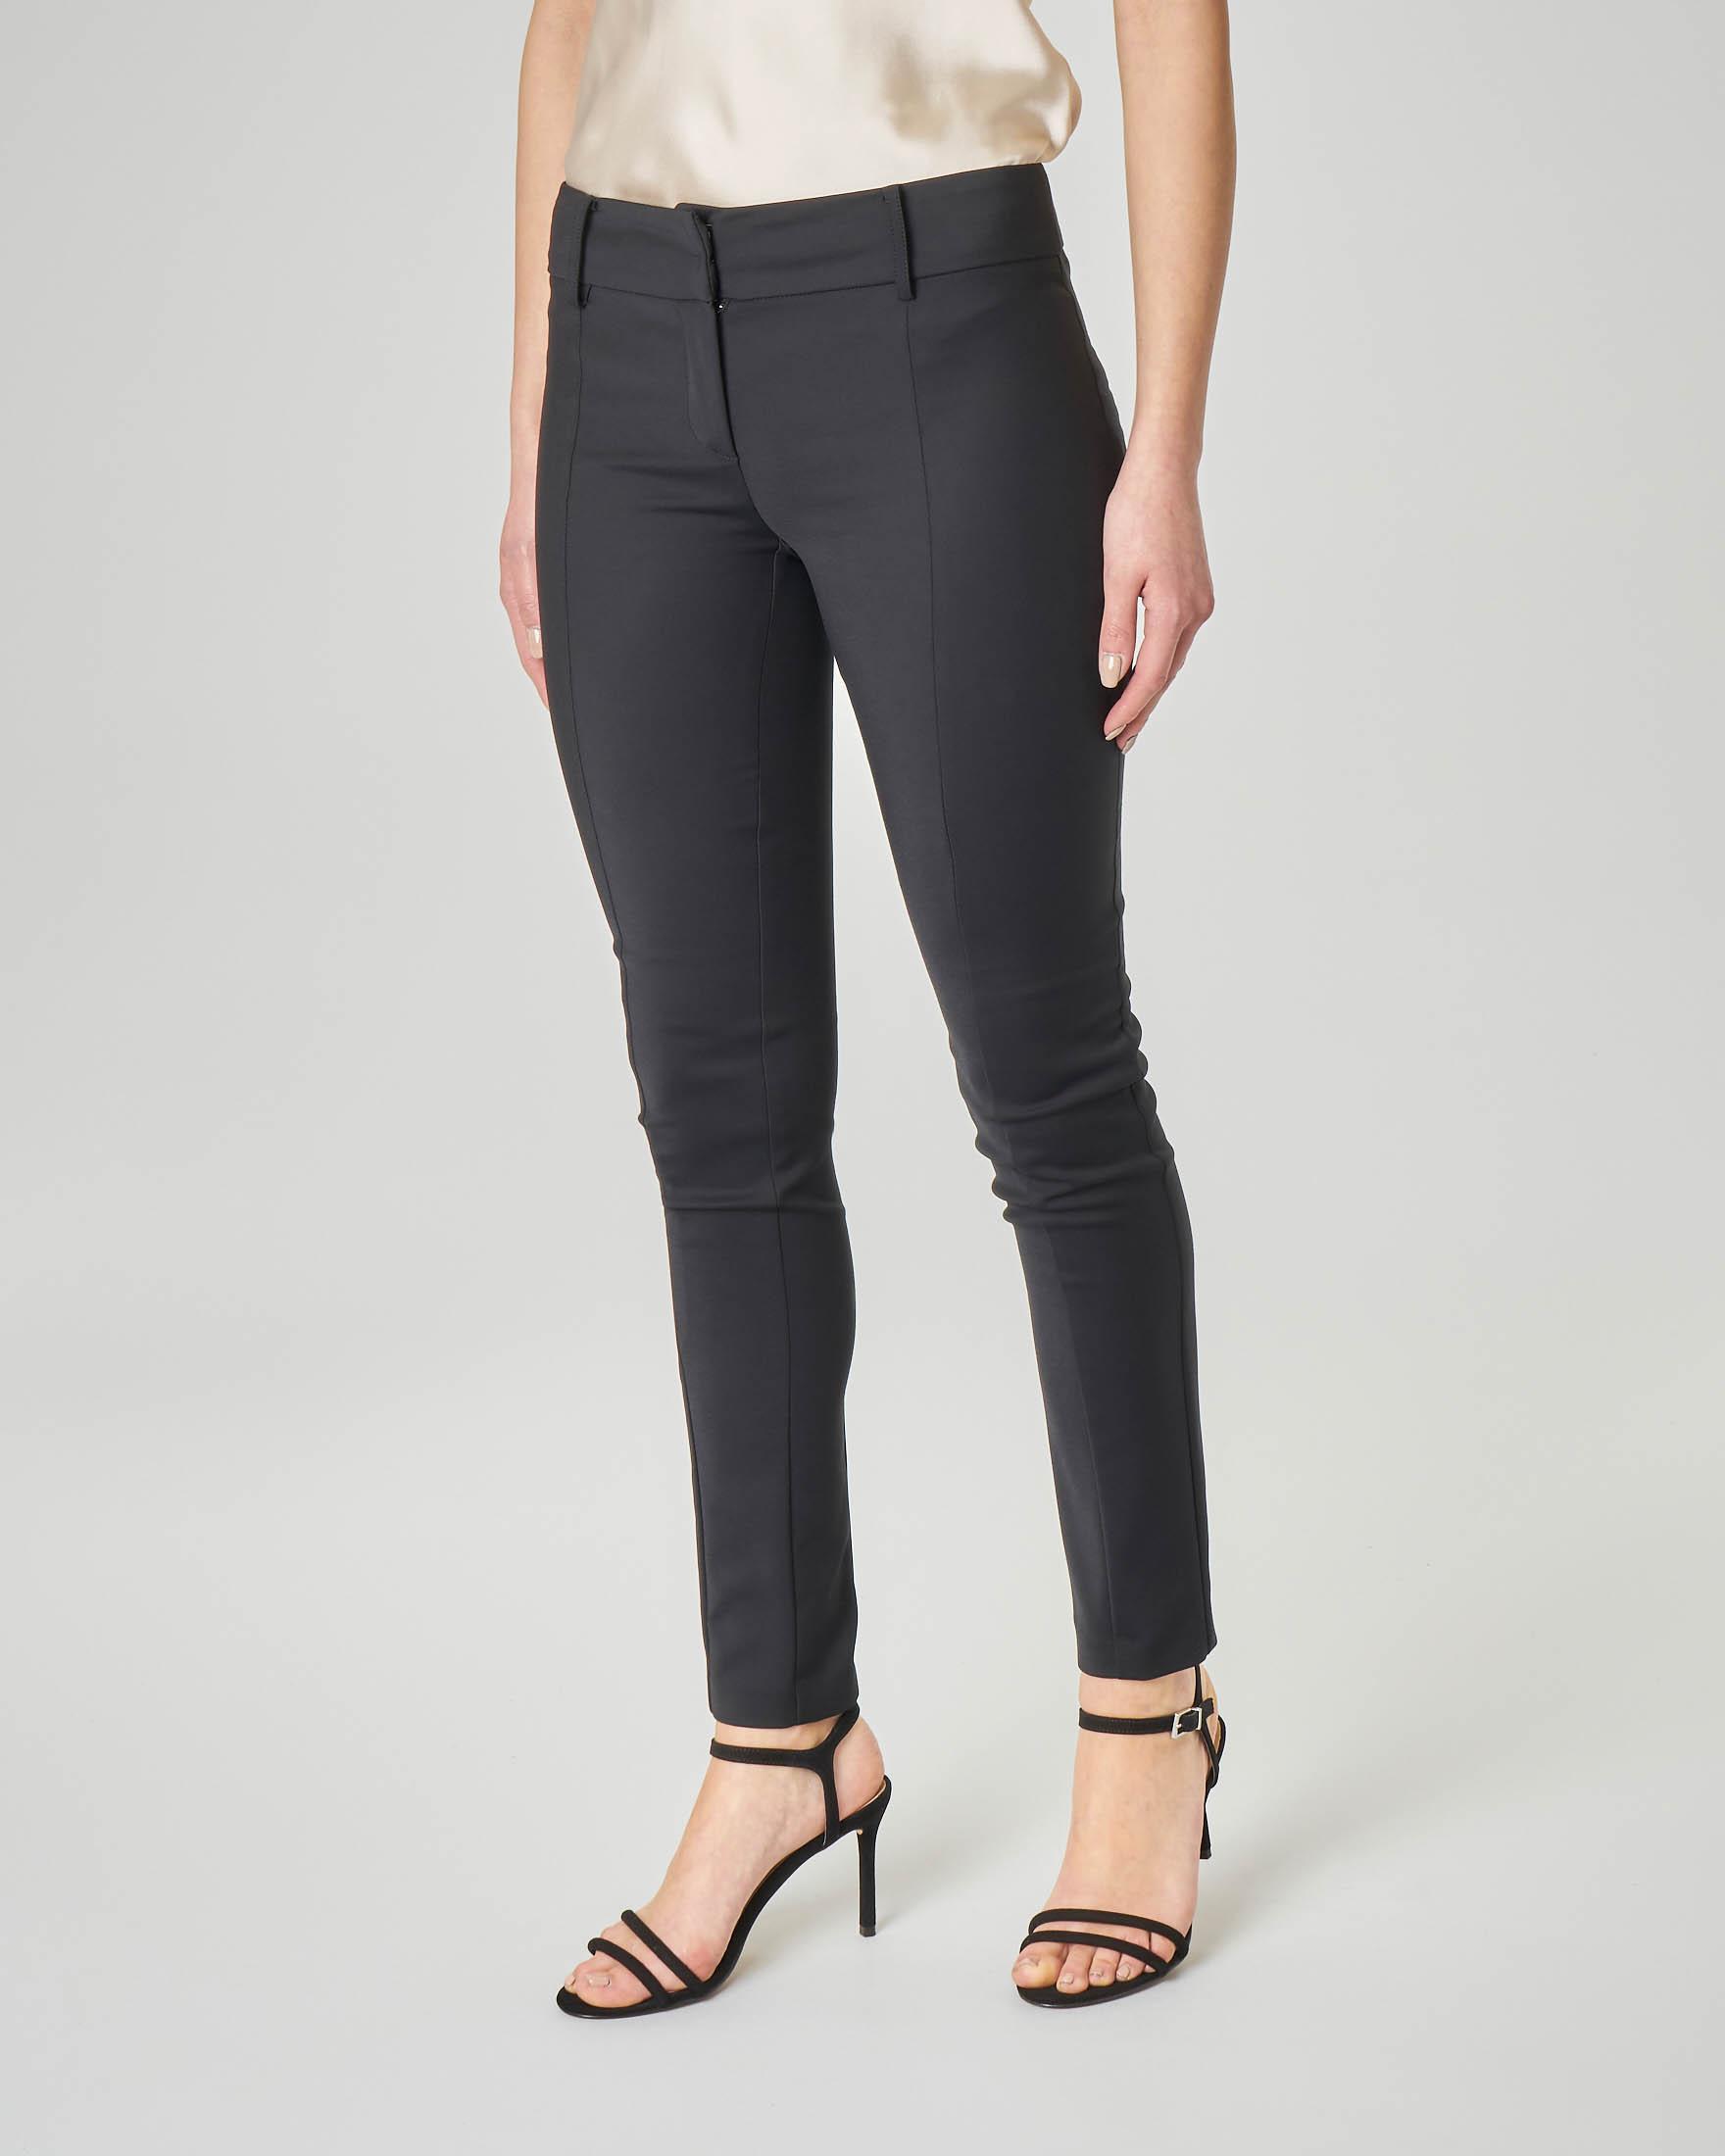 Pantaloni a sigaretta neri in cotone elasticizzato